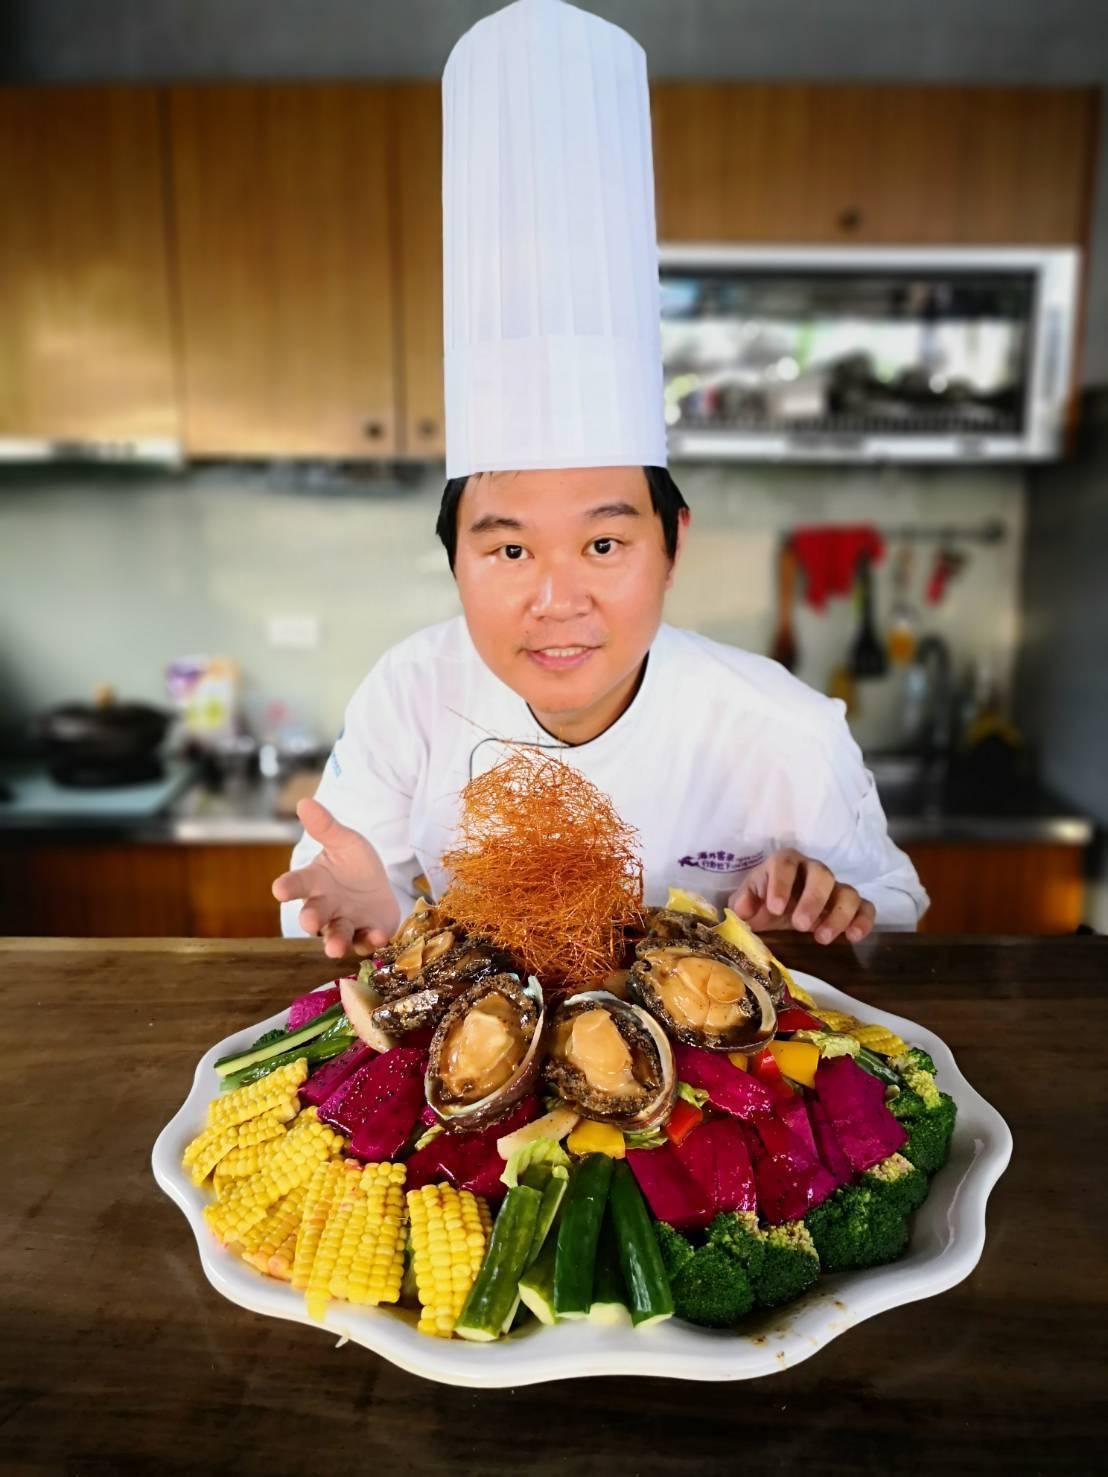 台菜小天王溫國智的無菜單料理,「鮮蔬彩虹鮑」很養生。圖/溫國智提供